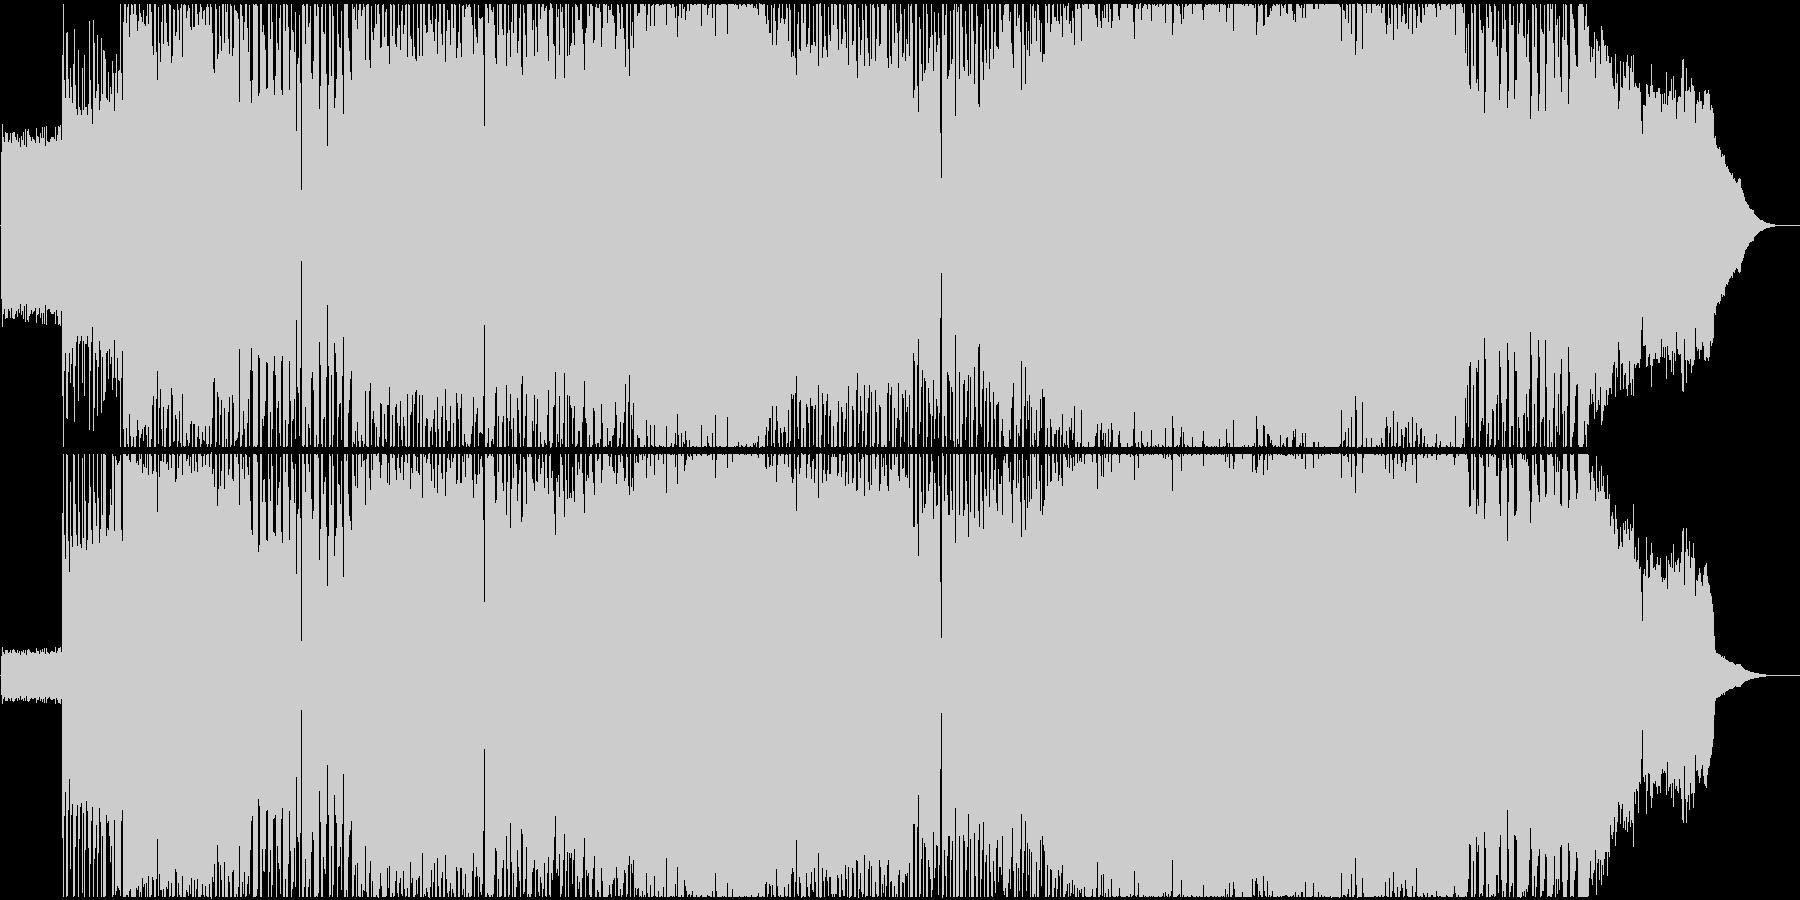 【生演奏】ギターリフが印象的なロックの未再生の波形